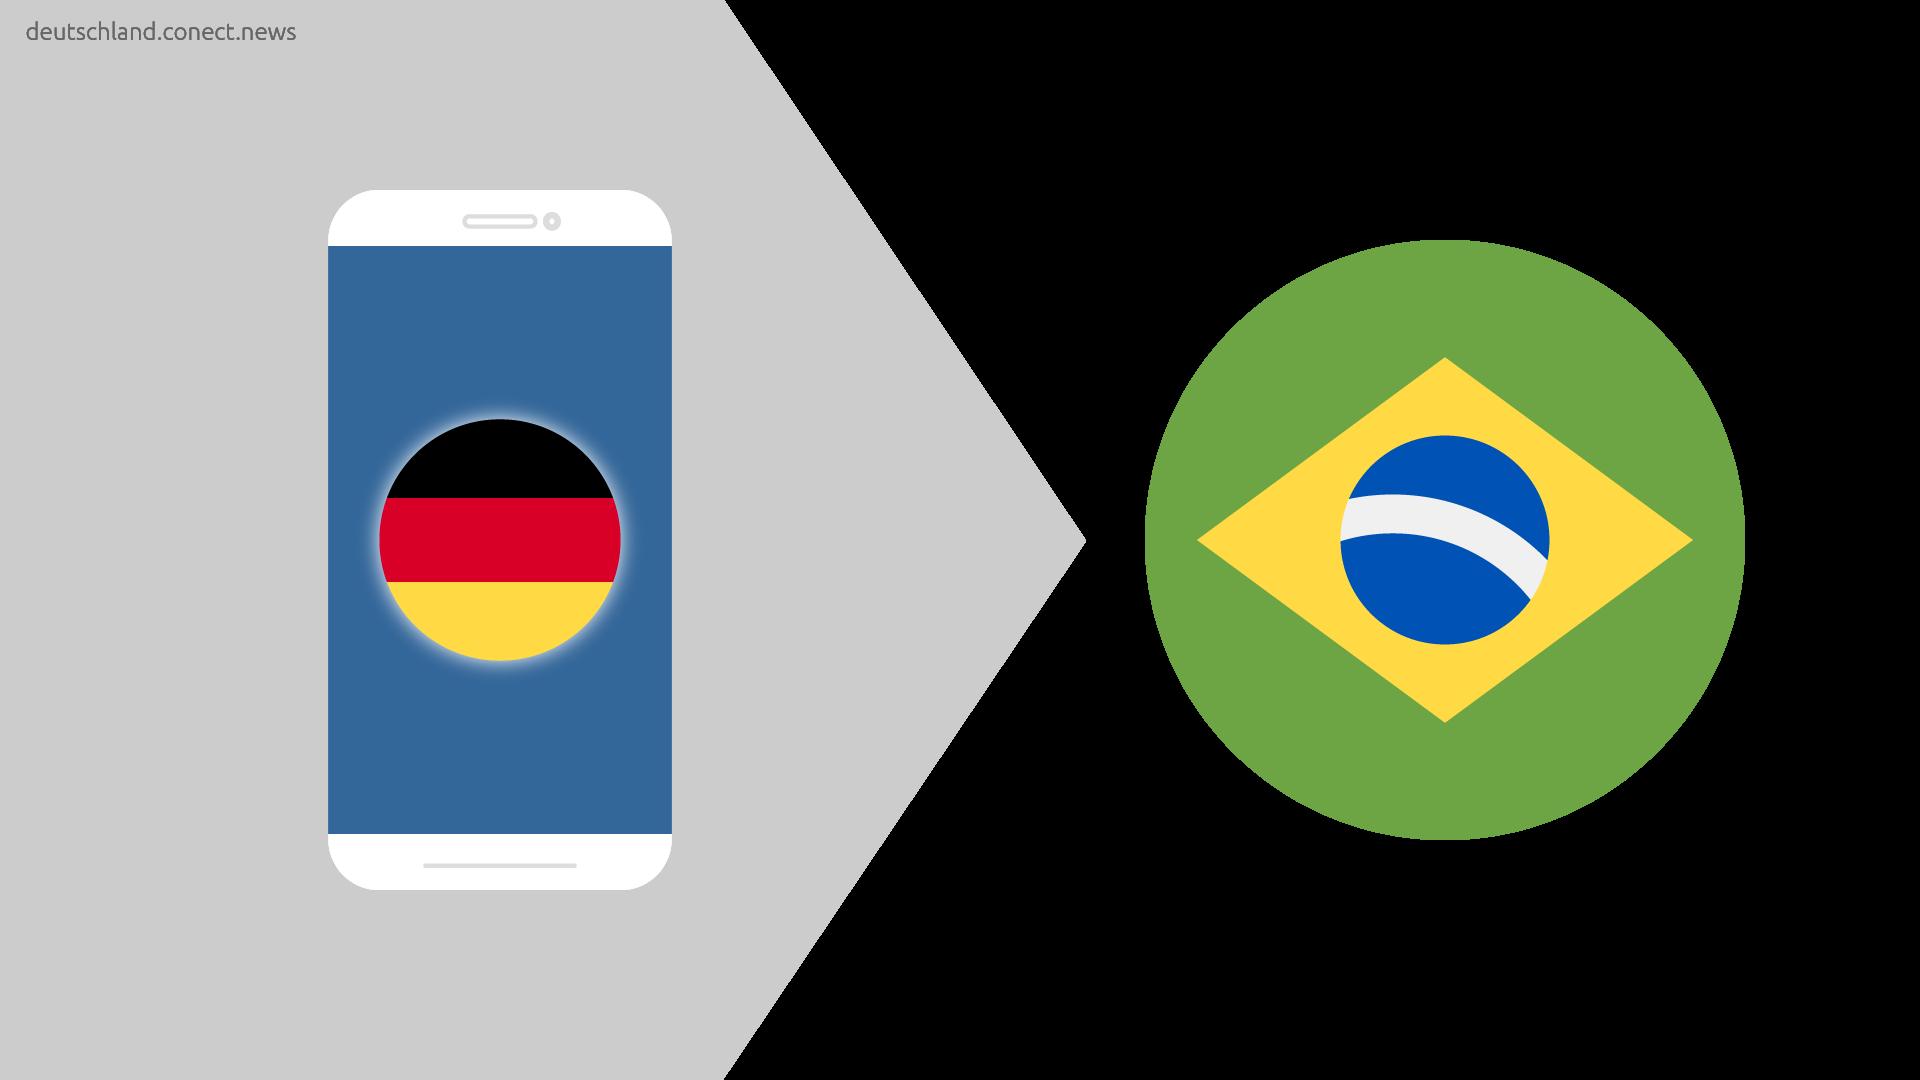 Günstiger von Deutschland nach Brasilien @conetc_news